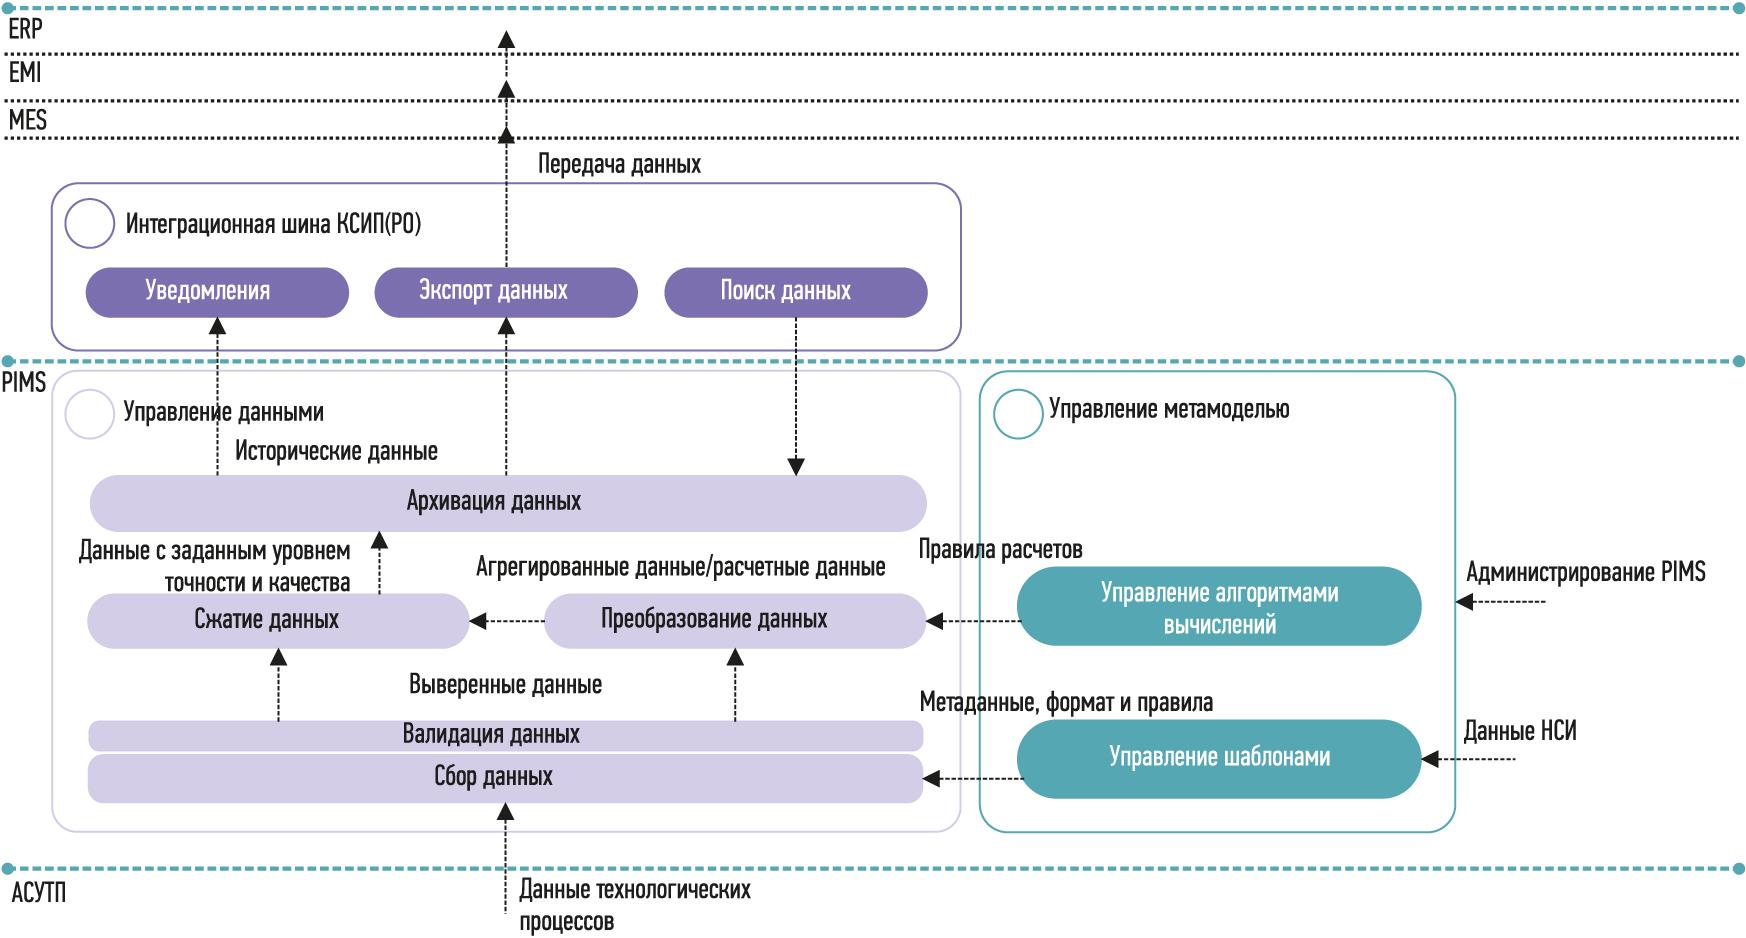 Информационная модель хранилища технологических данных - Норникель